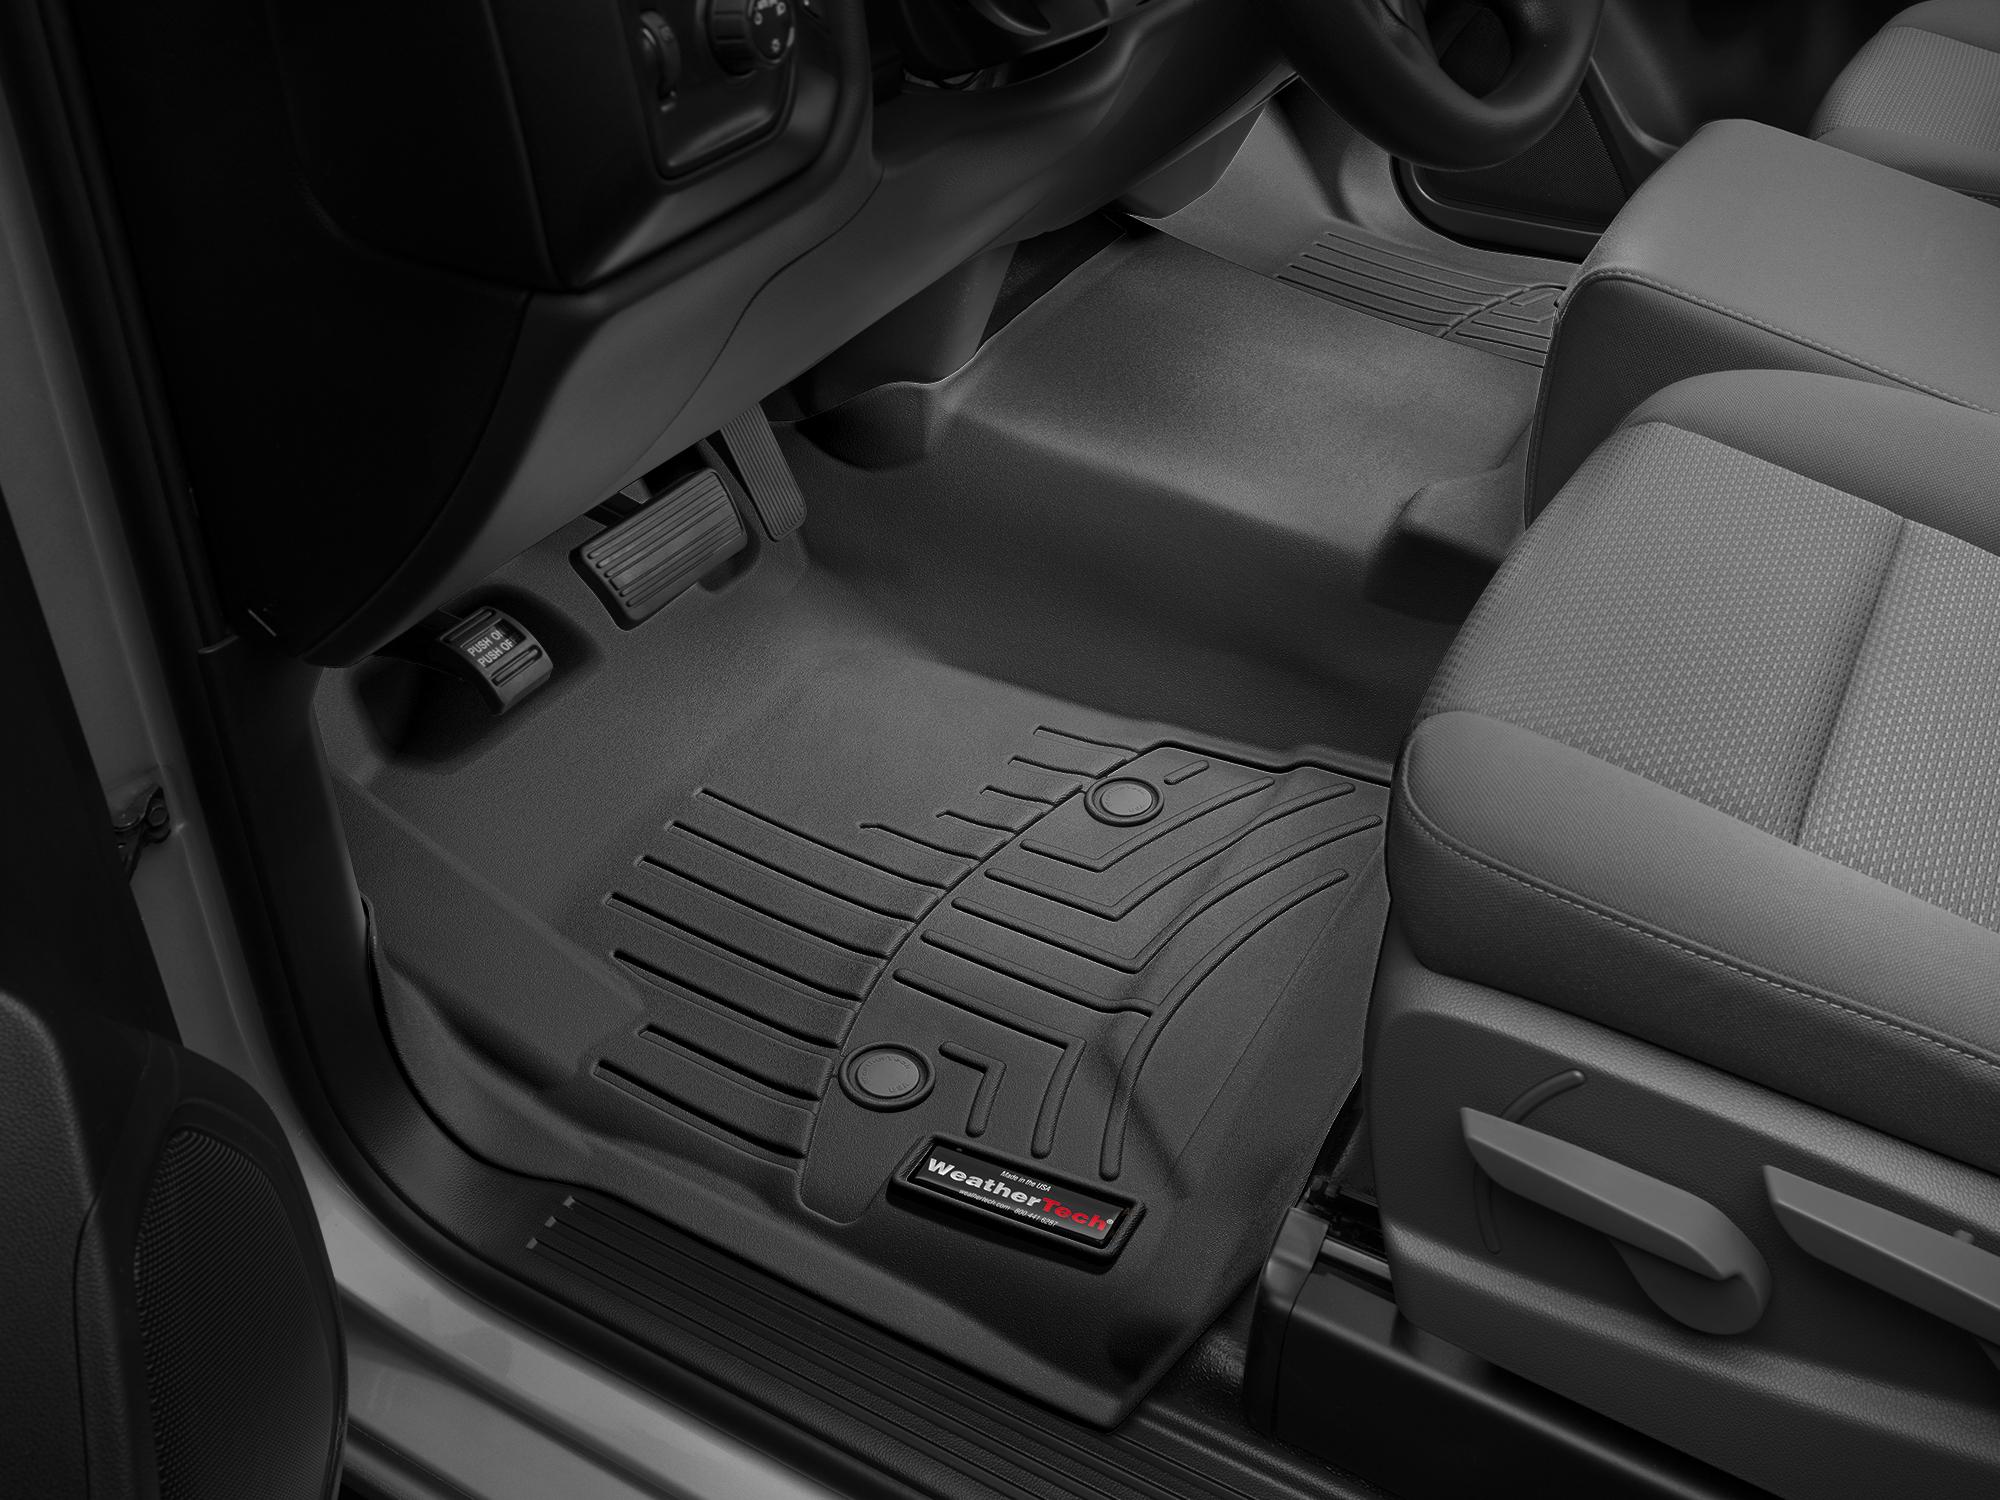 Tappeti gomma su misura bordo alto Chevrolet Silverado 14>14 Nero A191